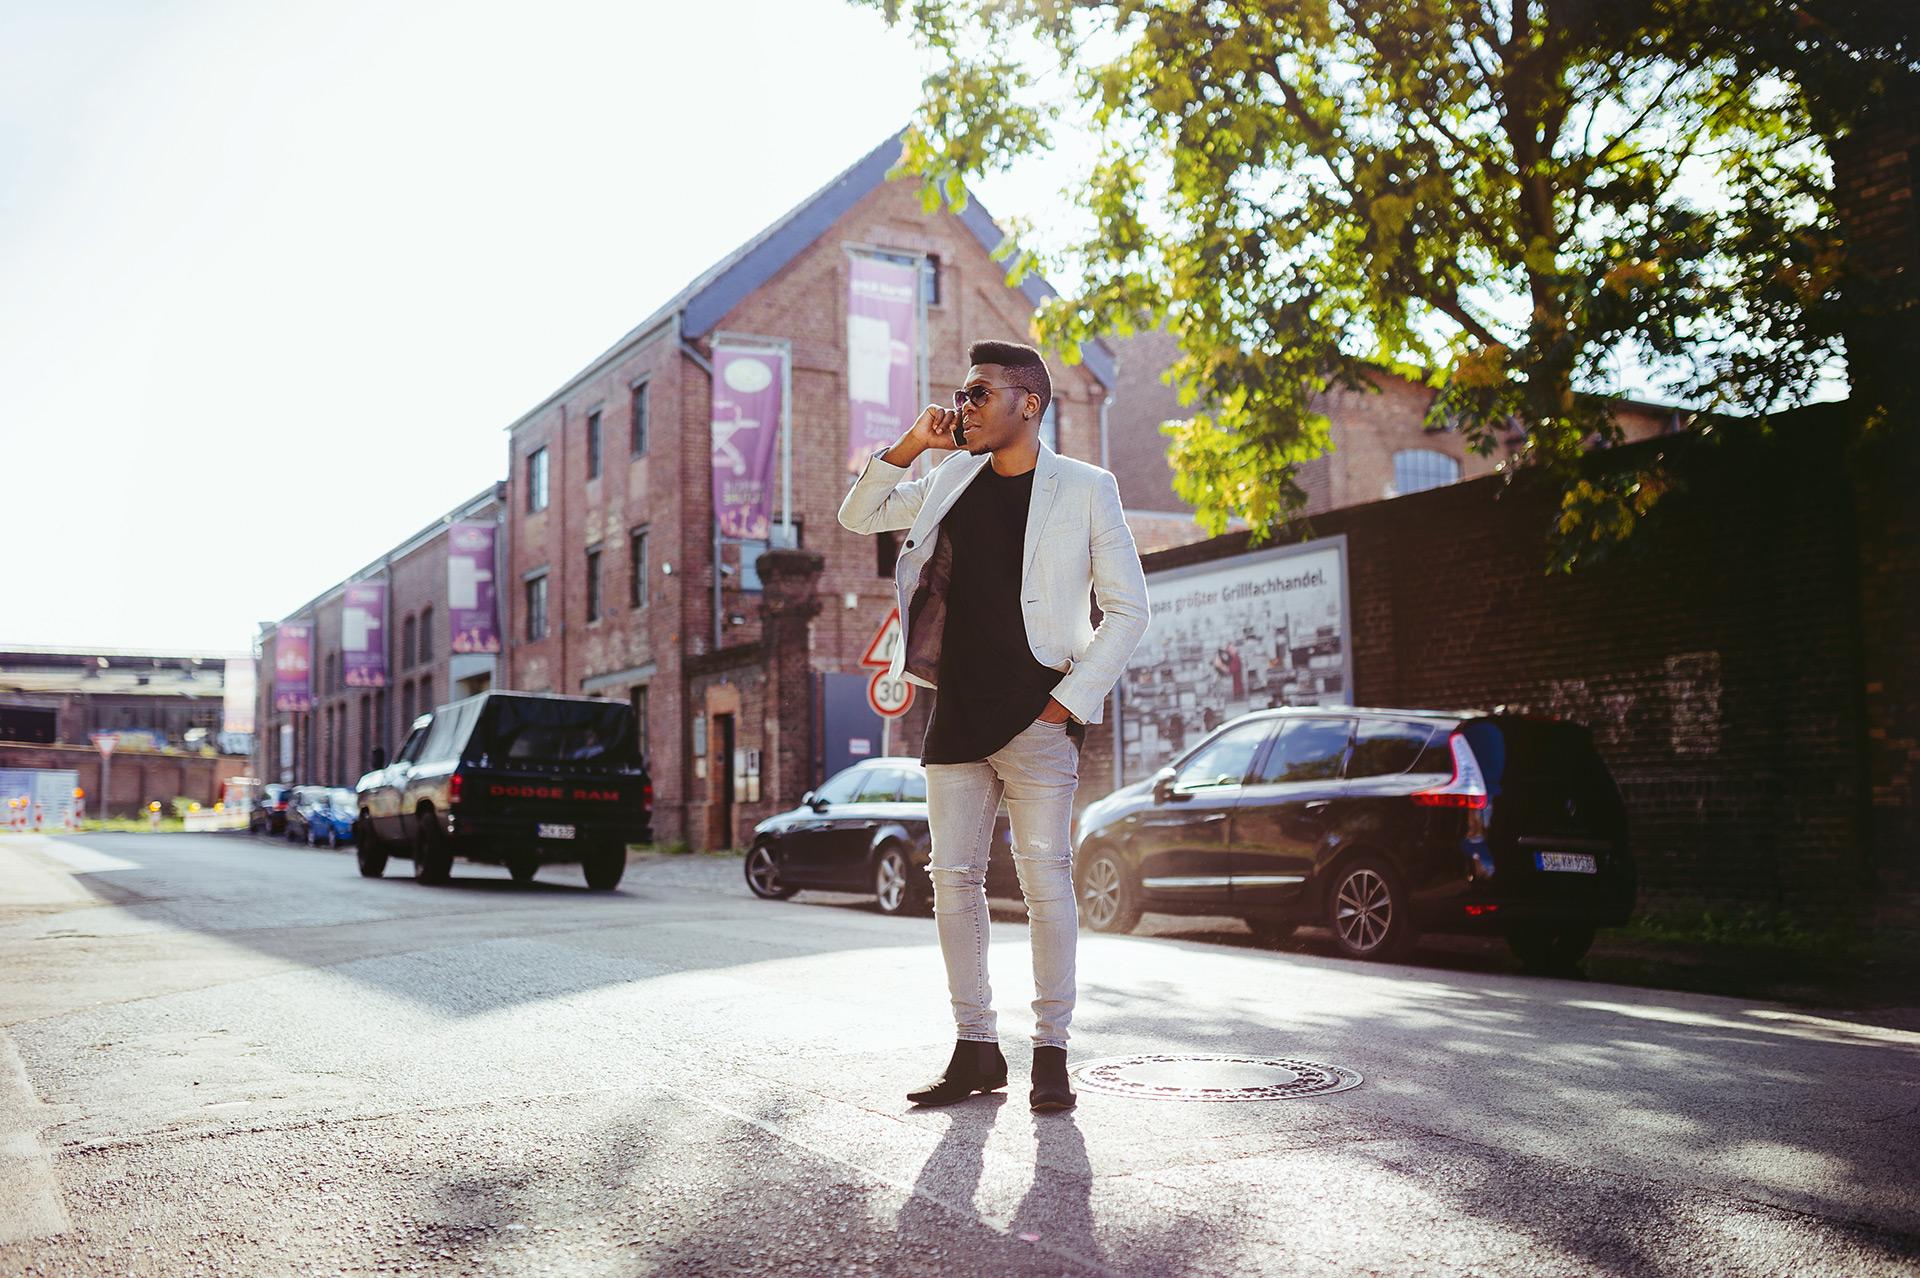 Billy im Telefonat, mitten auf der Straße